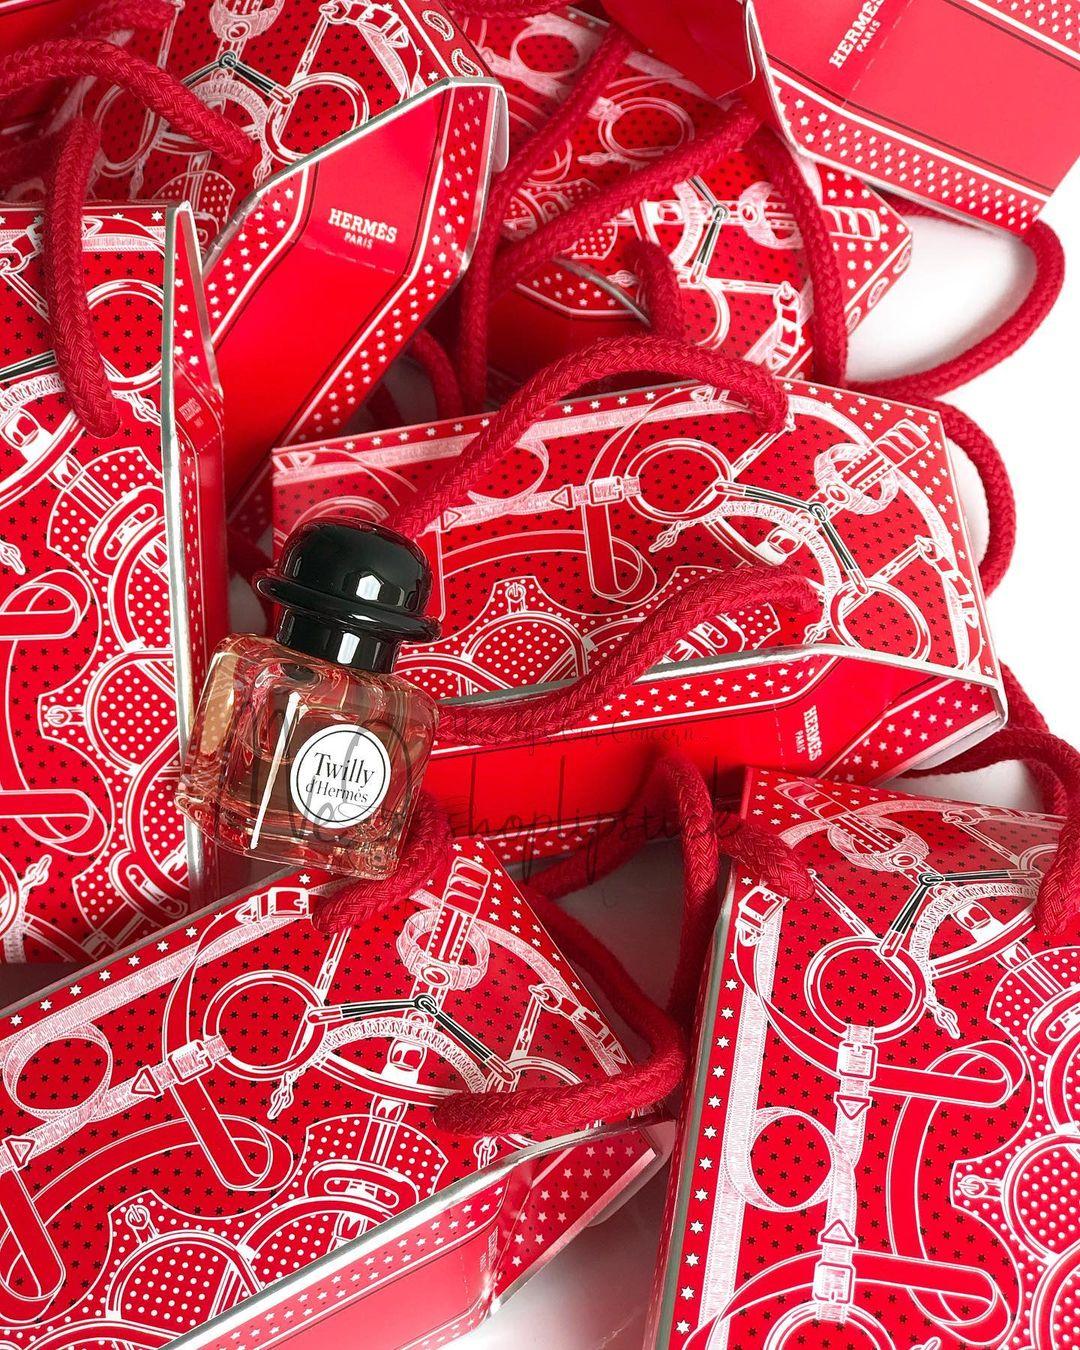 Sắm nước hoa mini size cho tiết kiệm đi chị em: Mùi nào cũng thơm nức mà giá siêu bèo - Ảnh 8.